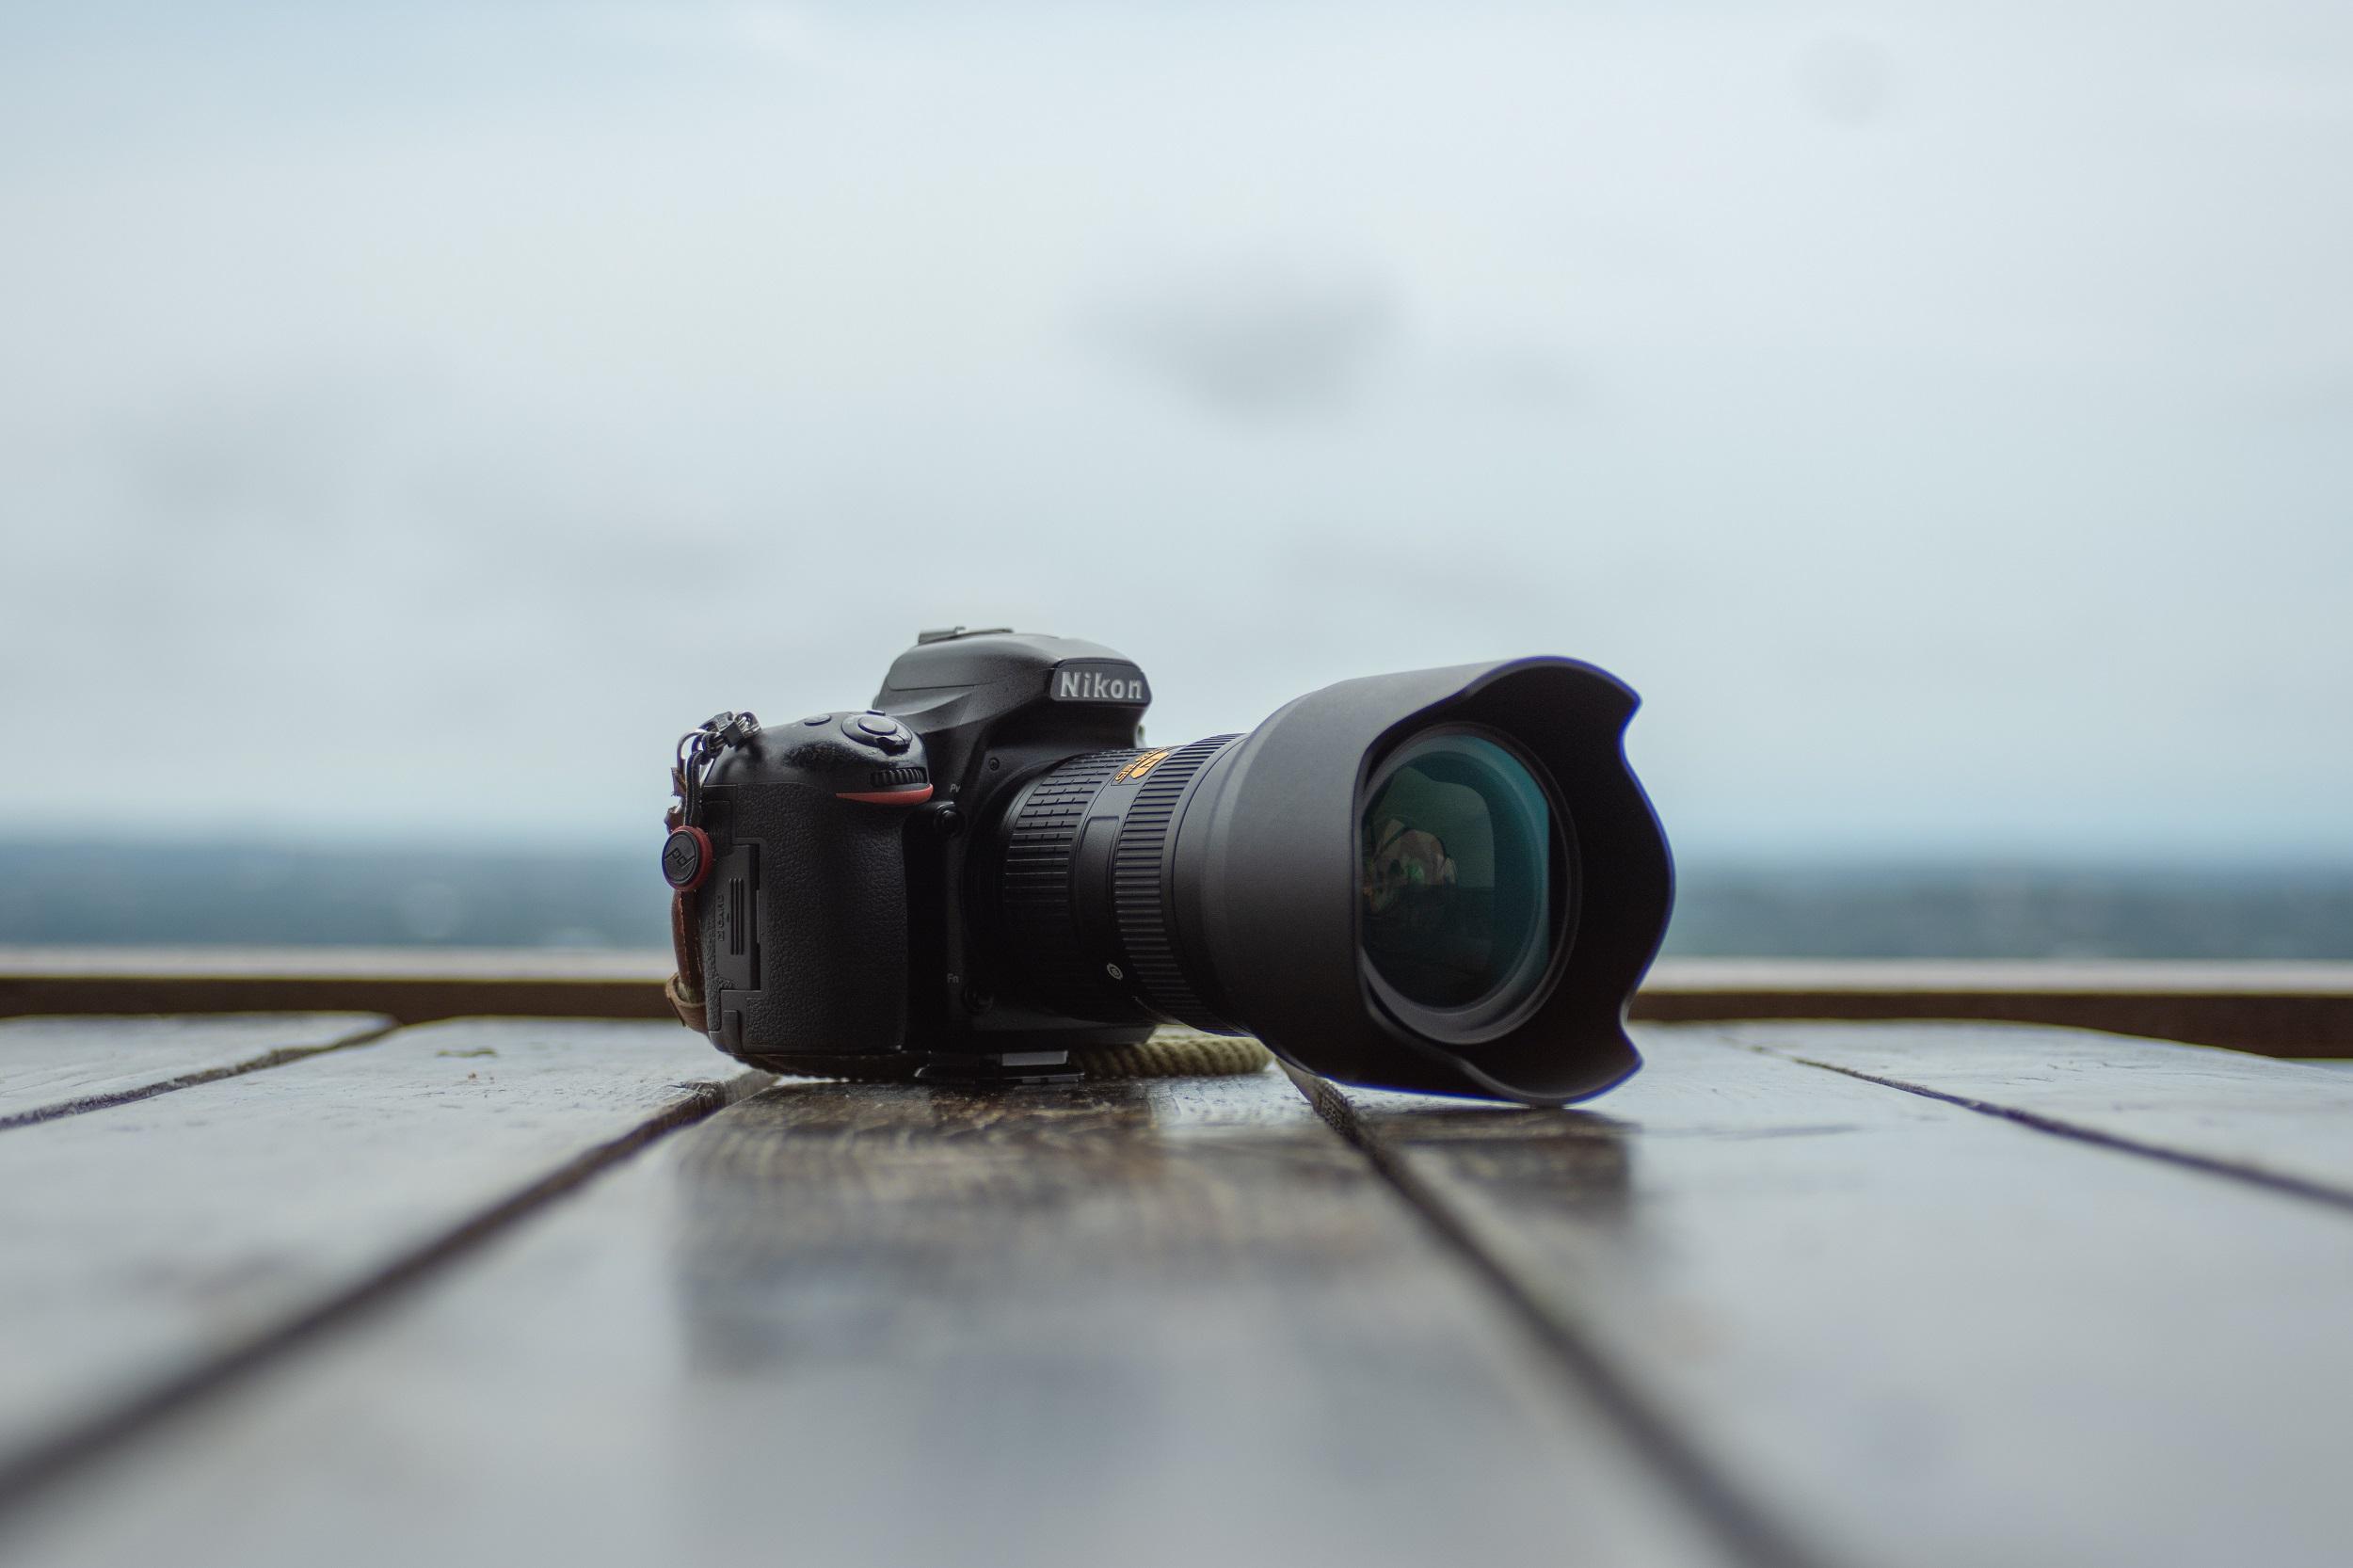 Photography - Take Better Photos! - 2 Night : Simon Gregor